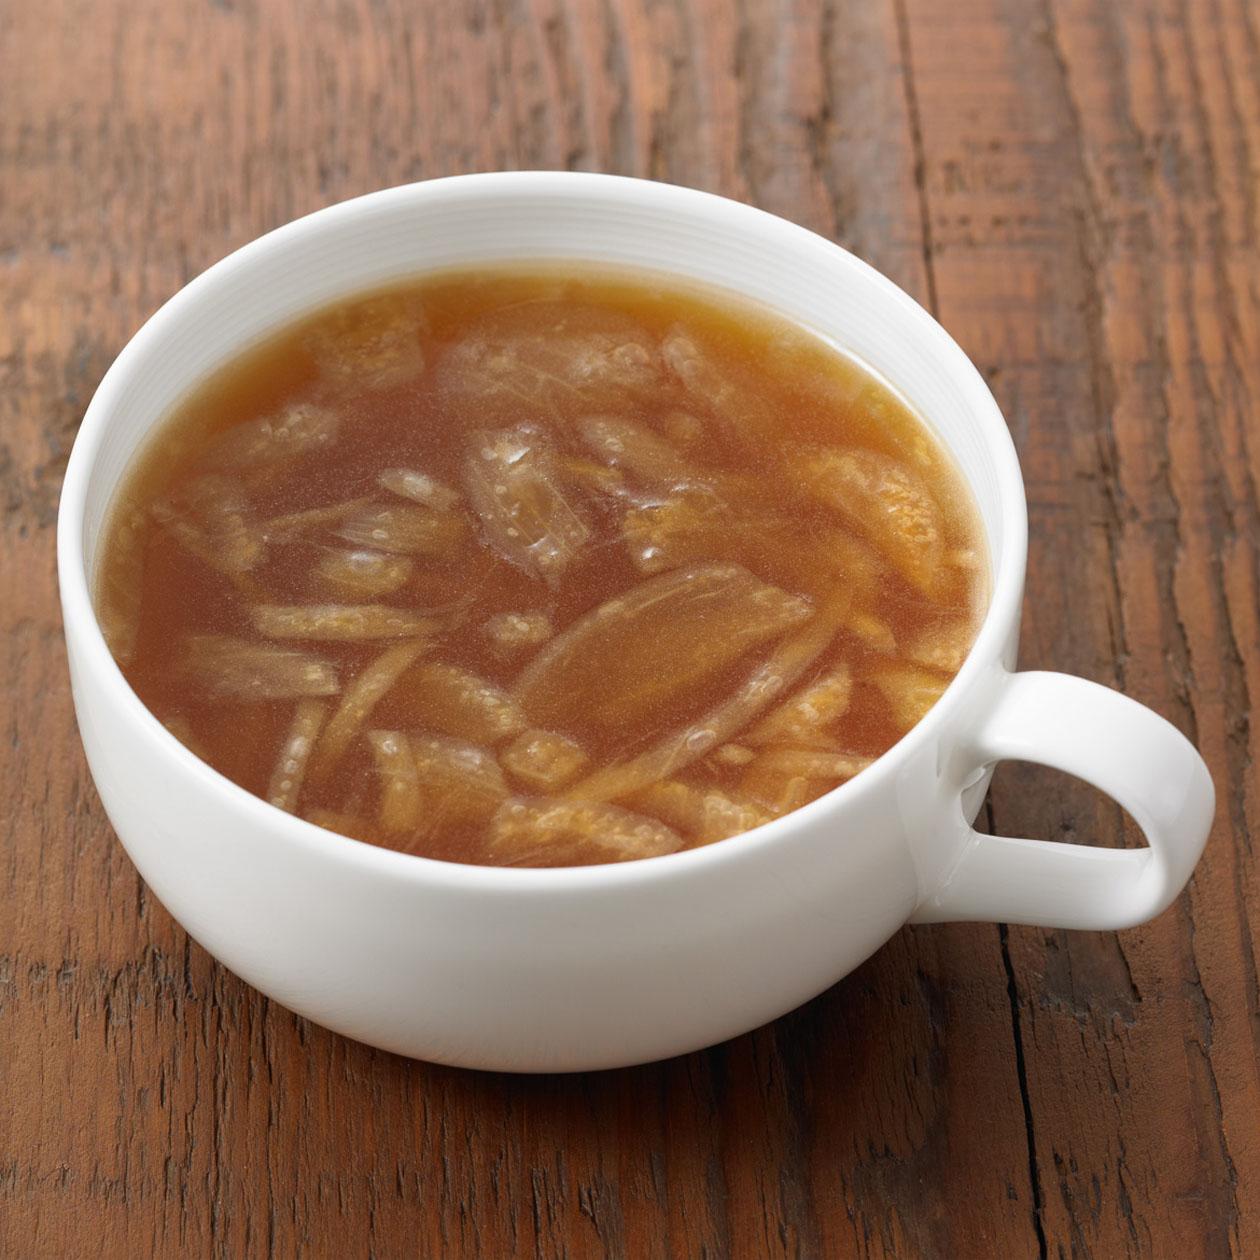 食べるスープ 北海道産玉ねぎのオニオンスープ